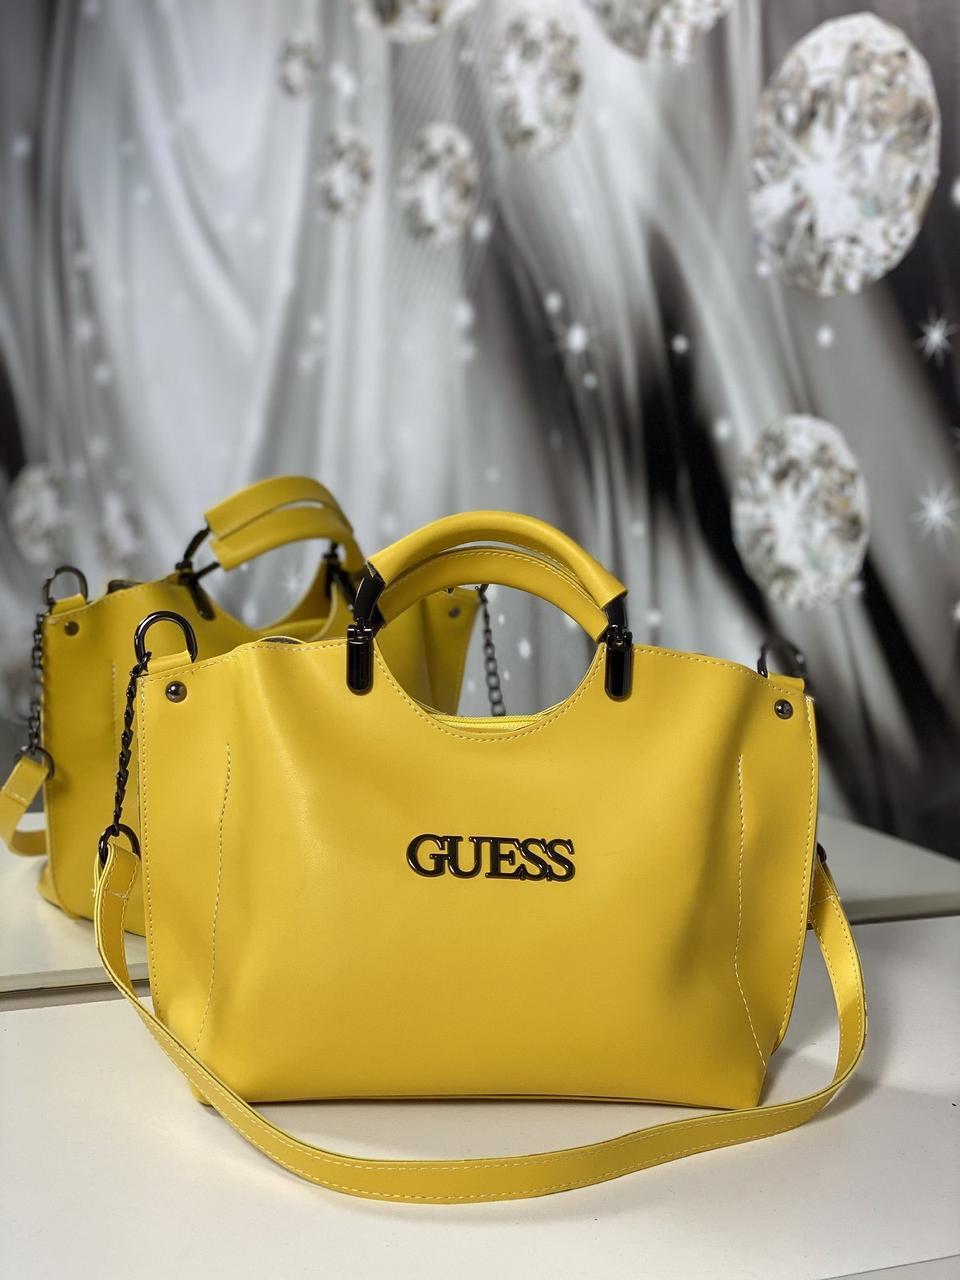 Женская сумка небольшая на плечо модная городская сумочка шоппер желтая экокожа